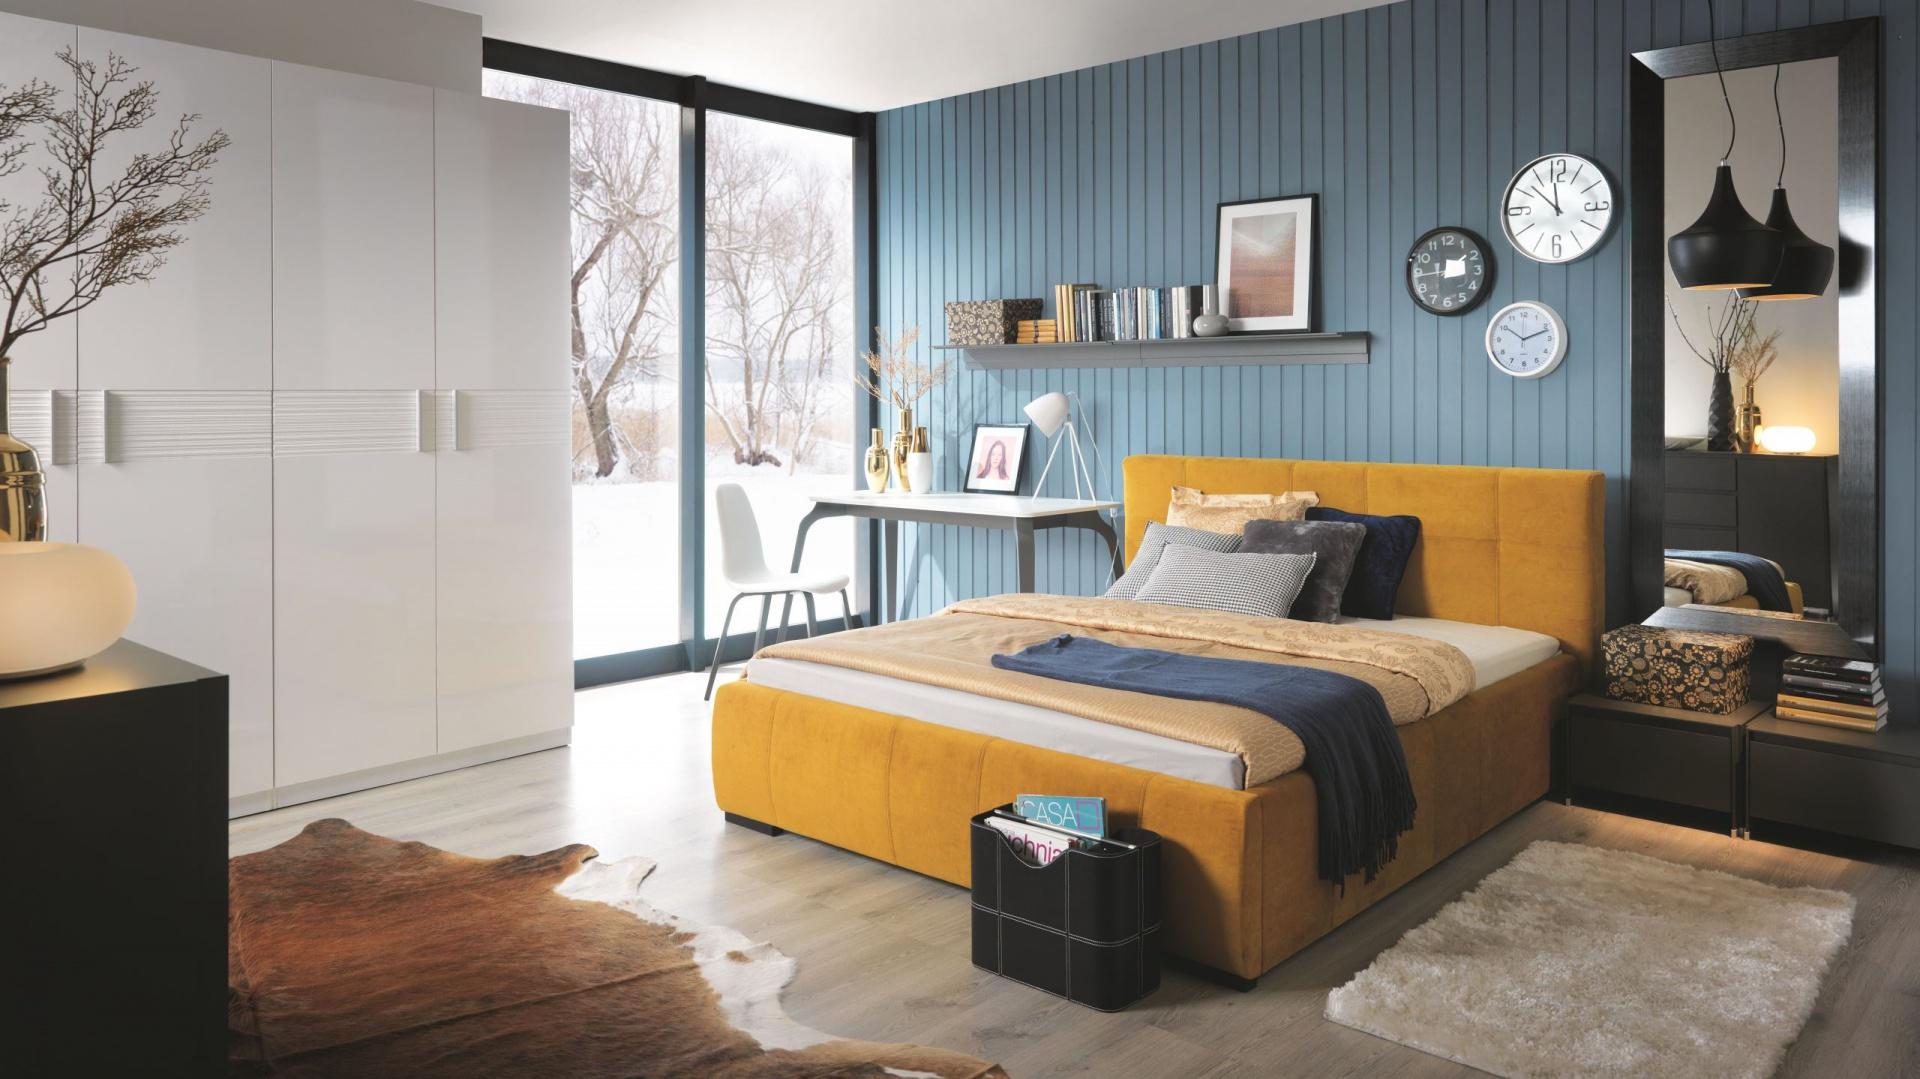 Sypialnia Carlet kusi perspektywą udanego wypoczynku oraz wyjątkową kolorystyką łóżka w wykończonego tkaniną w modnym musztardowym odcieniu. Fot. Black Red White